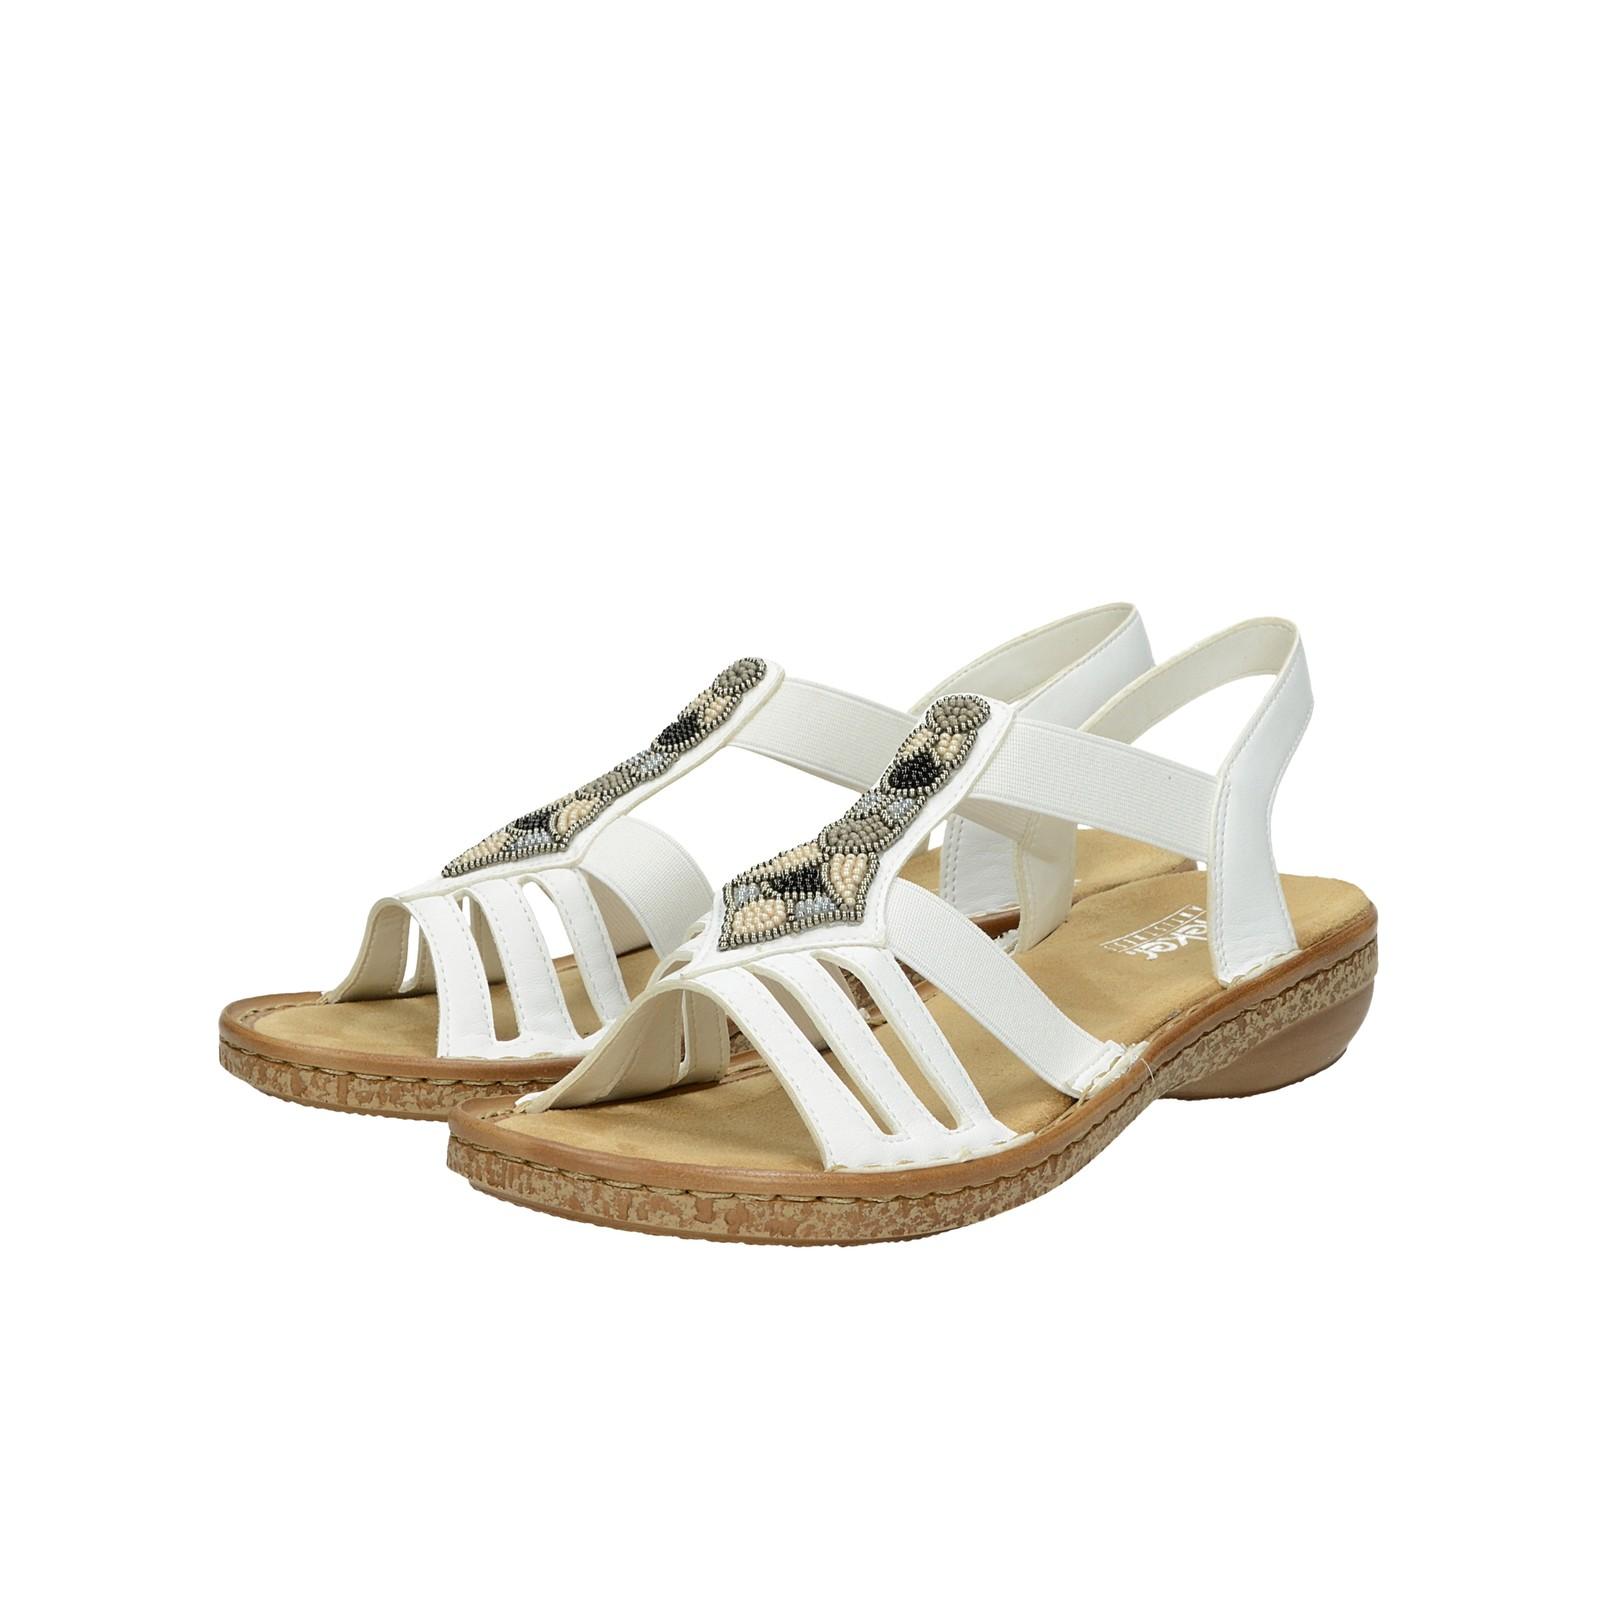 44775529f136 Rieker dámske elegantné sandále - biele ...